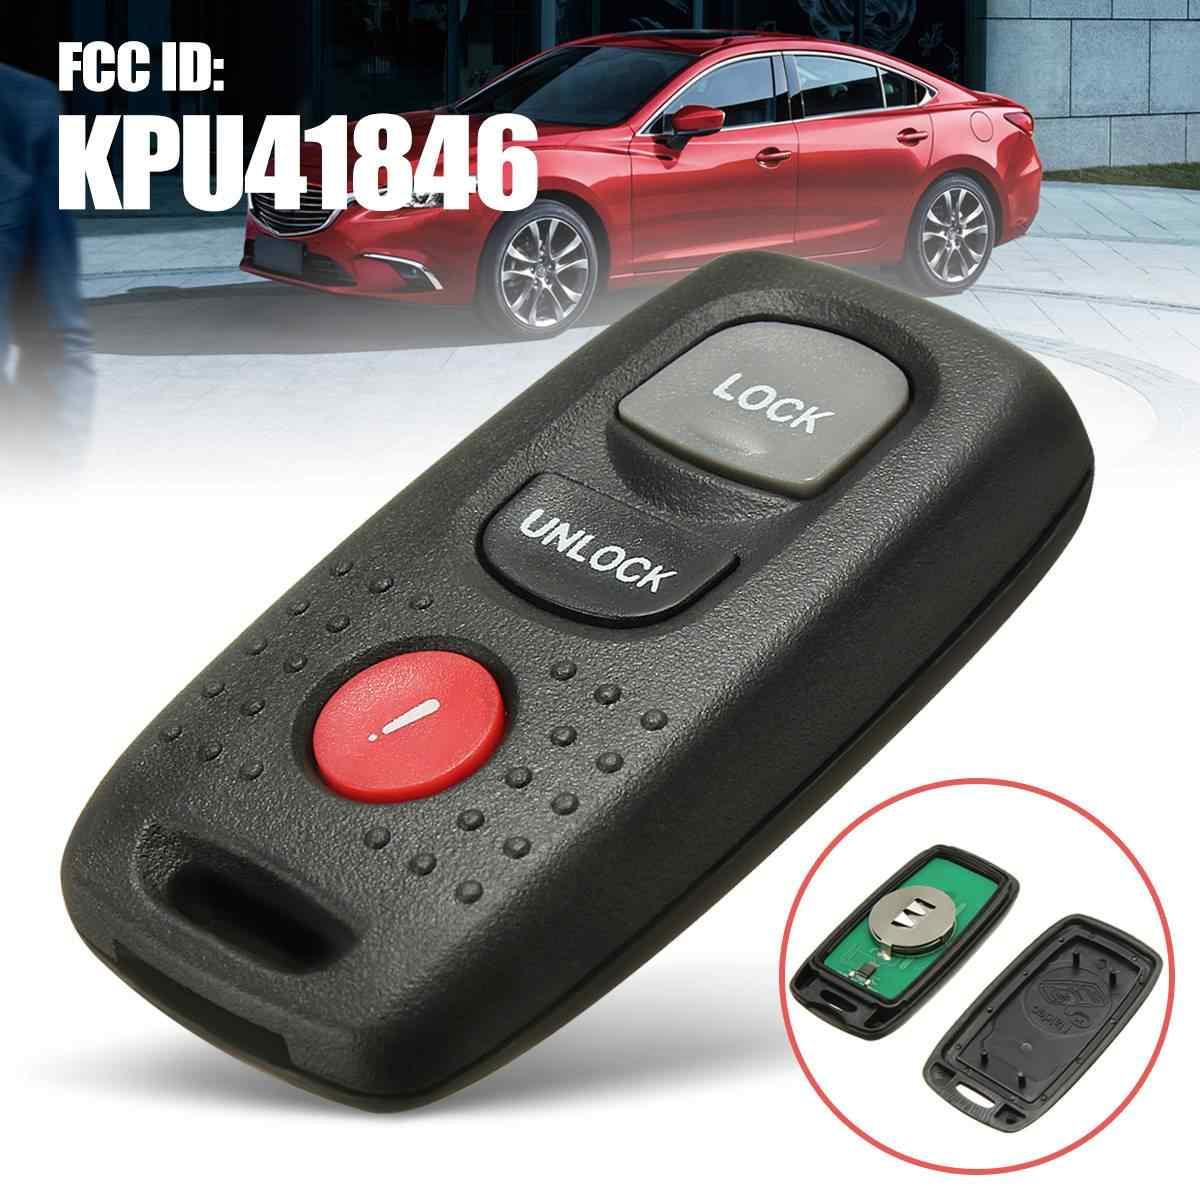 Clé de voiture à distance 3 boutons 313 MHZ avec piles CR2025 pour Mazda 3 5 6 2004 2005 2006 FCC ID: KPU41846 peut: 4238A-41846